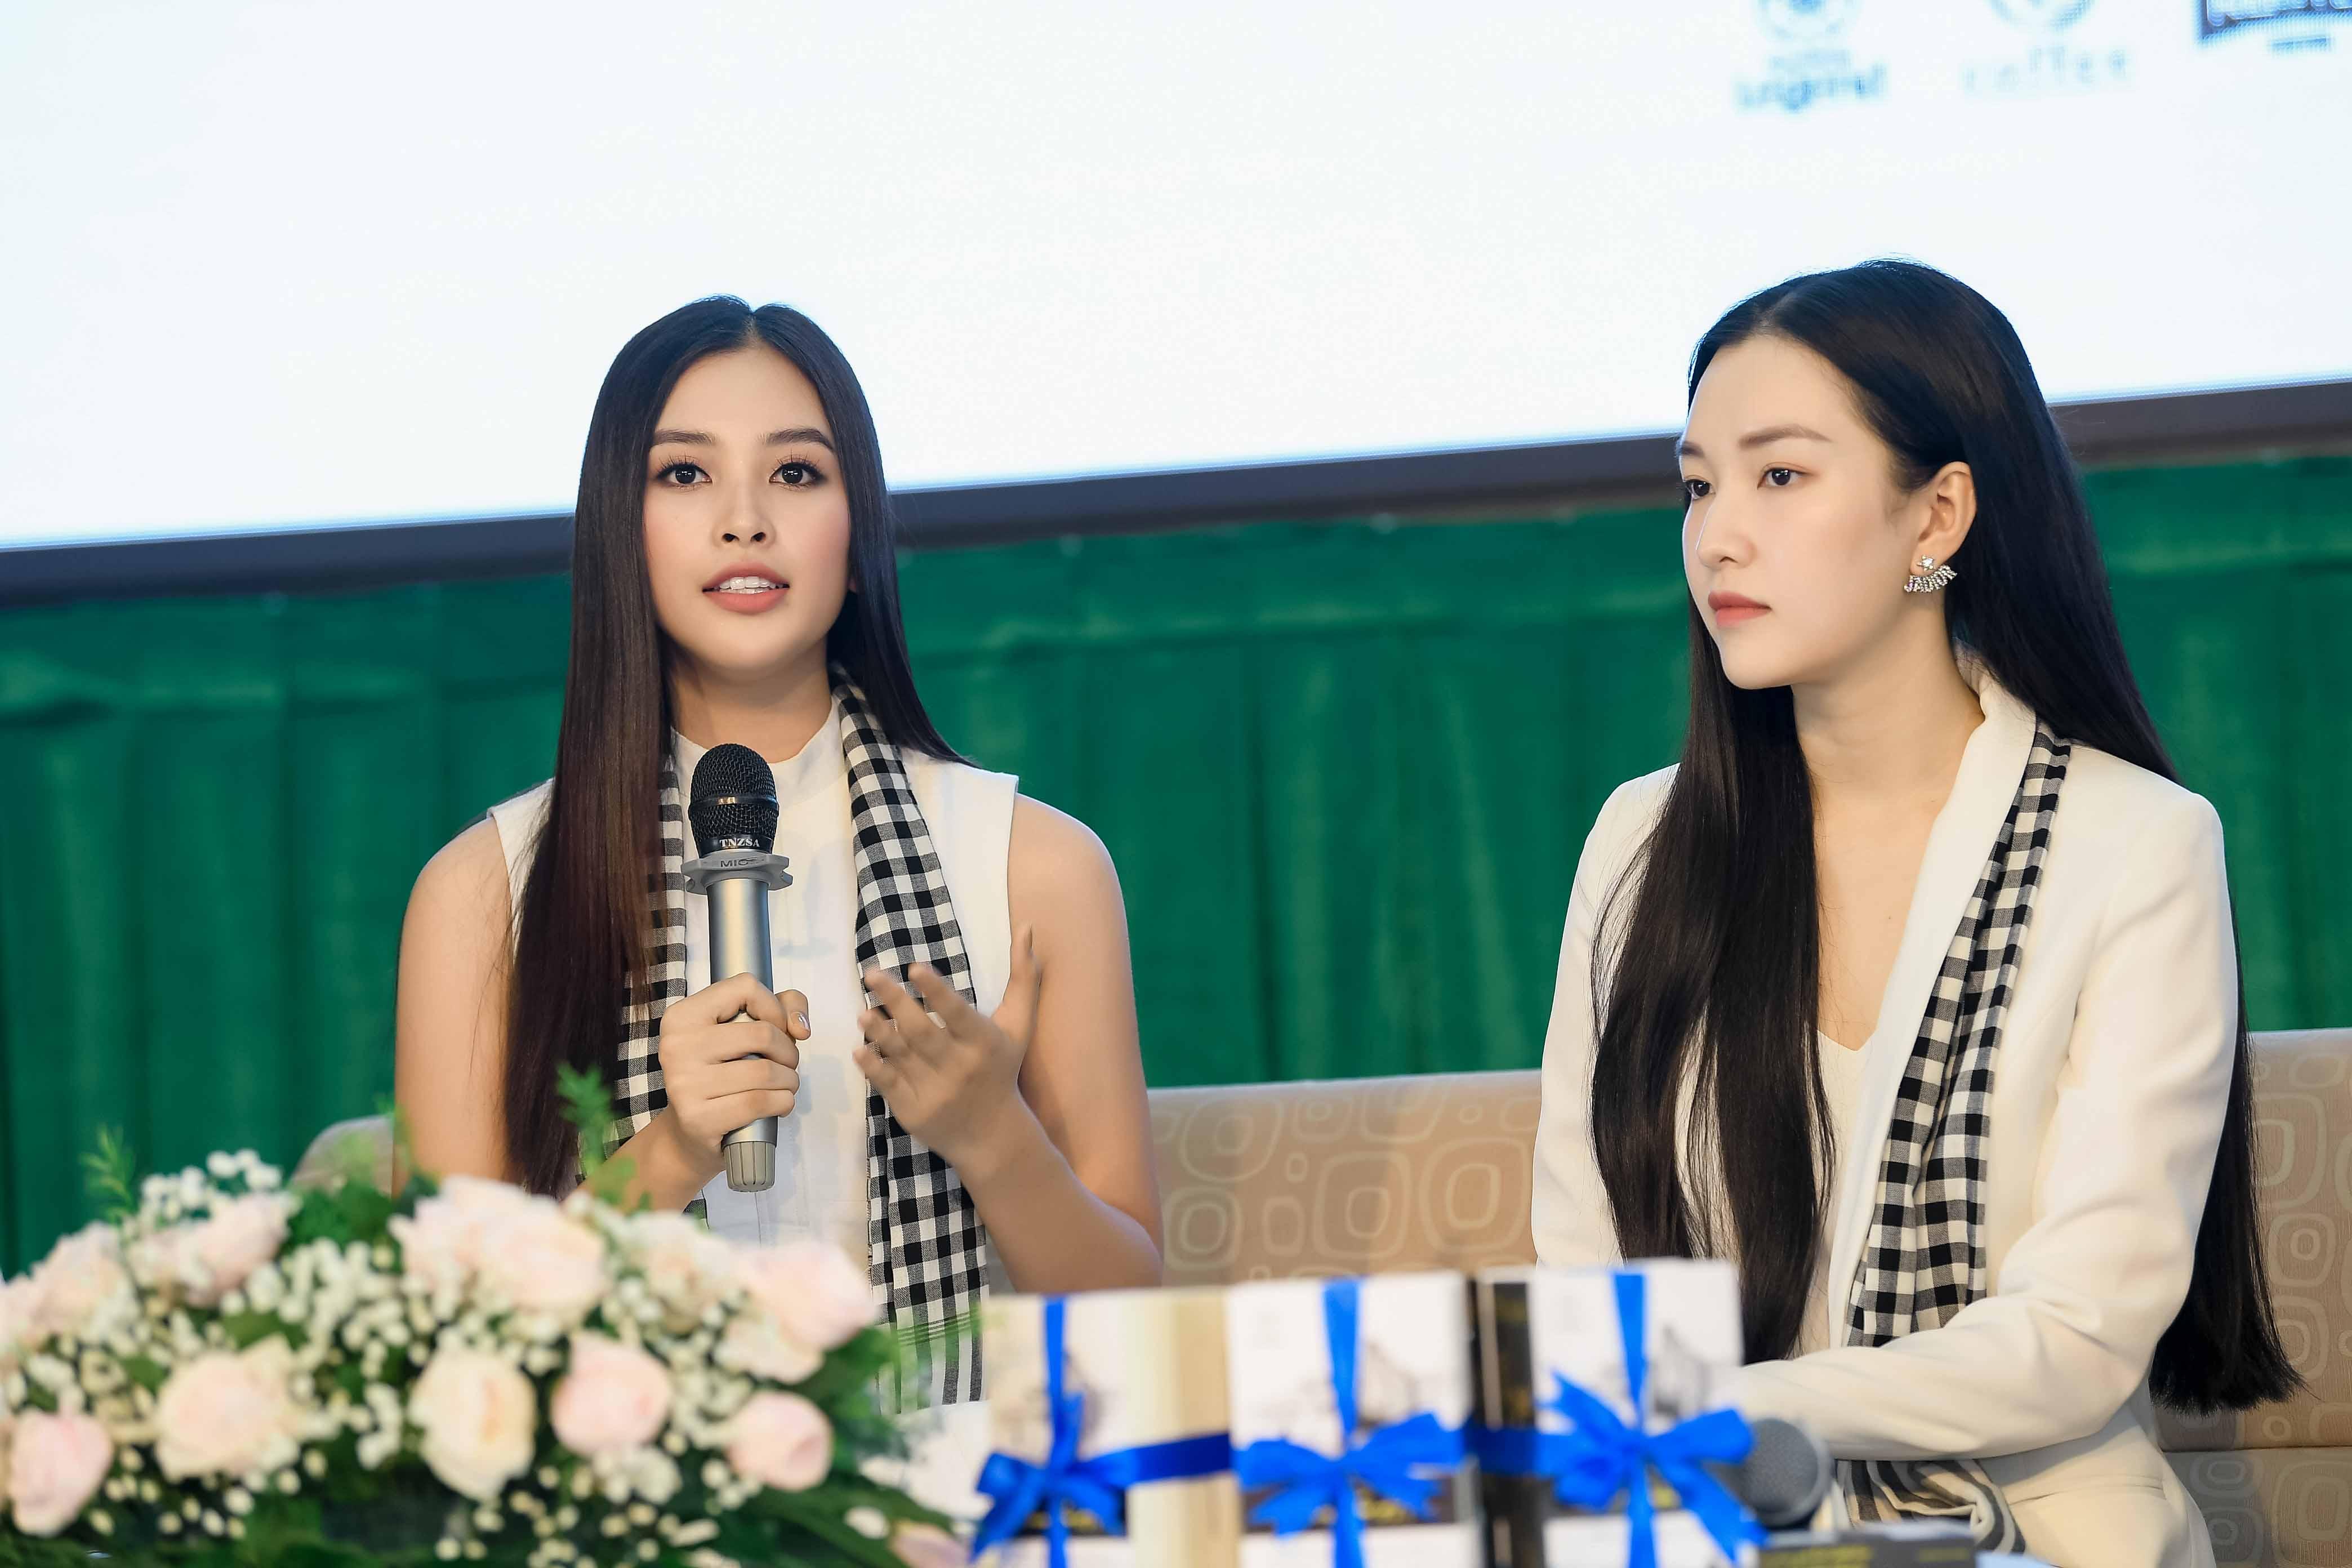 Dàn siêu xe của vua cafe Đặng Lê Nguyên Vũ hộ tống Hoa hậu Tiểu Vy đến Bình Dương 4